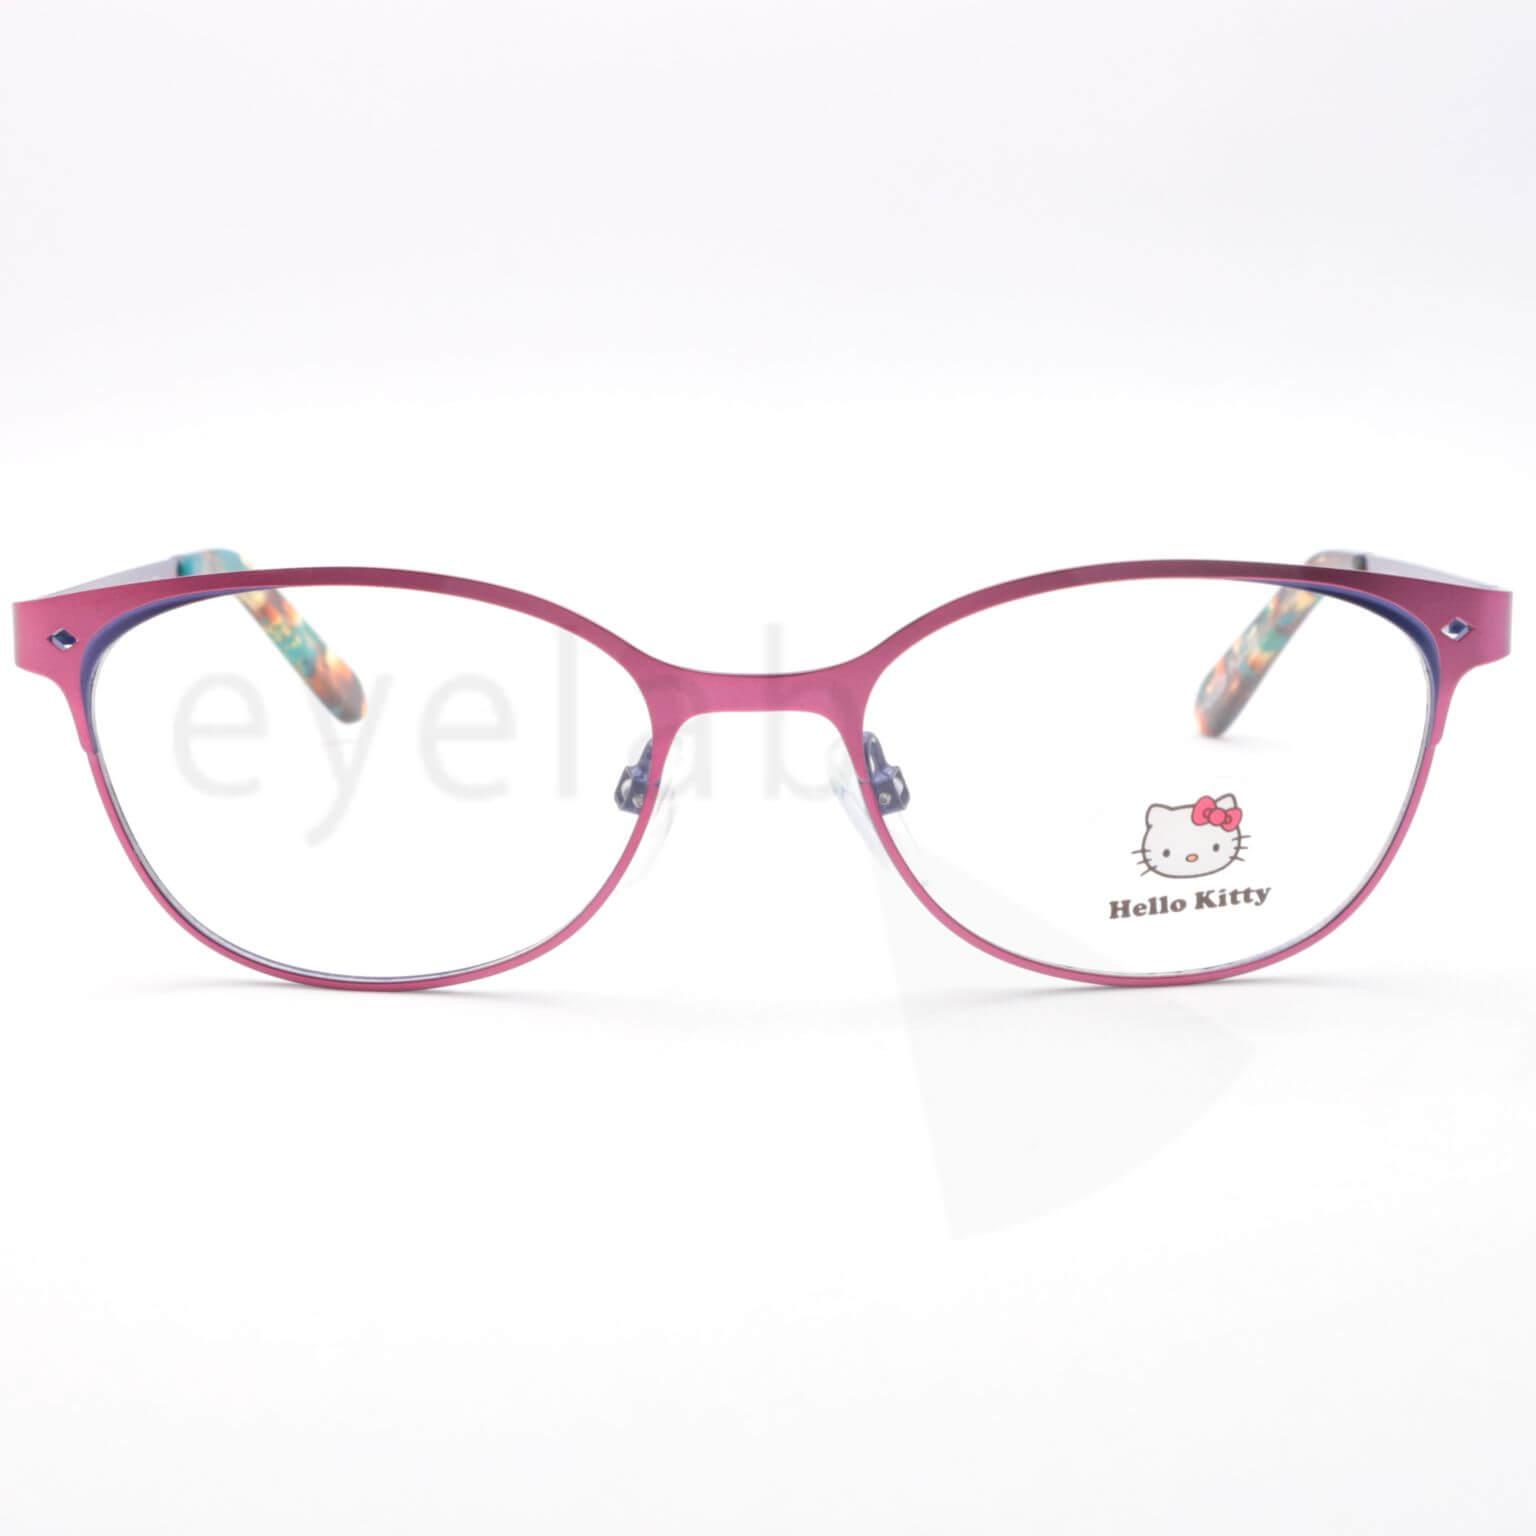 Παιδικά γυαλιά οράσεως Hello Kitty MM060 C12 ~ Eyelab 3e529db1cc9